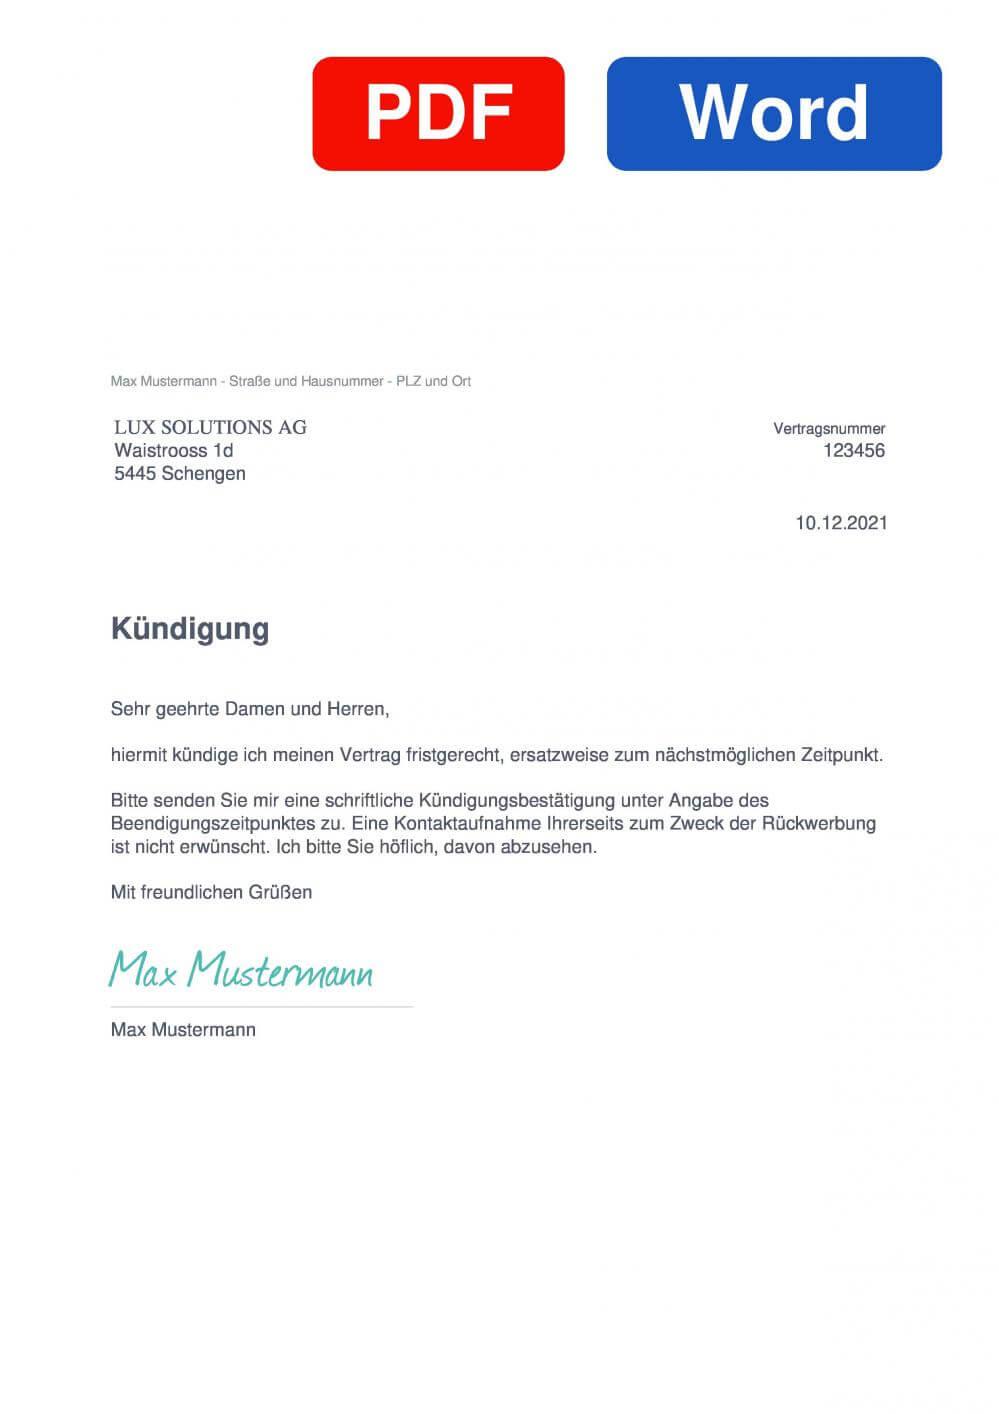 Europa Gewinnt Muster Vorlage für Kündigungsschreiben